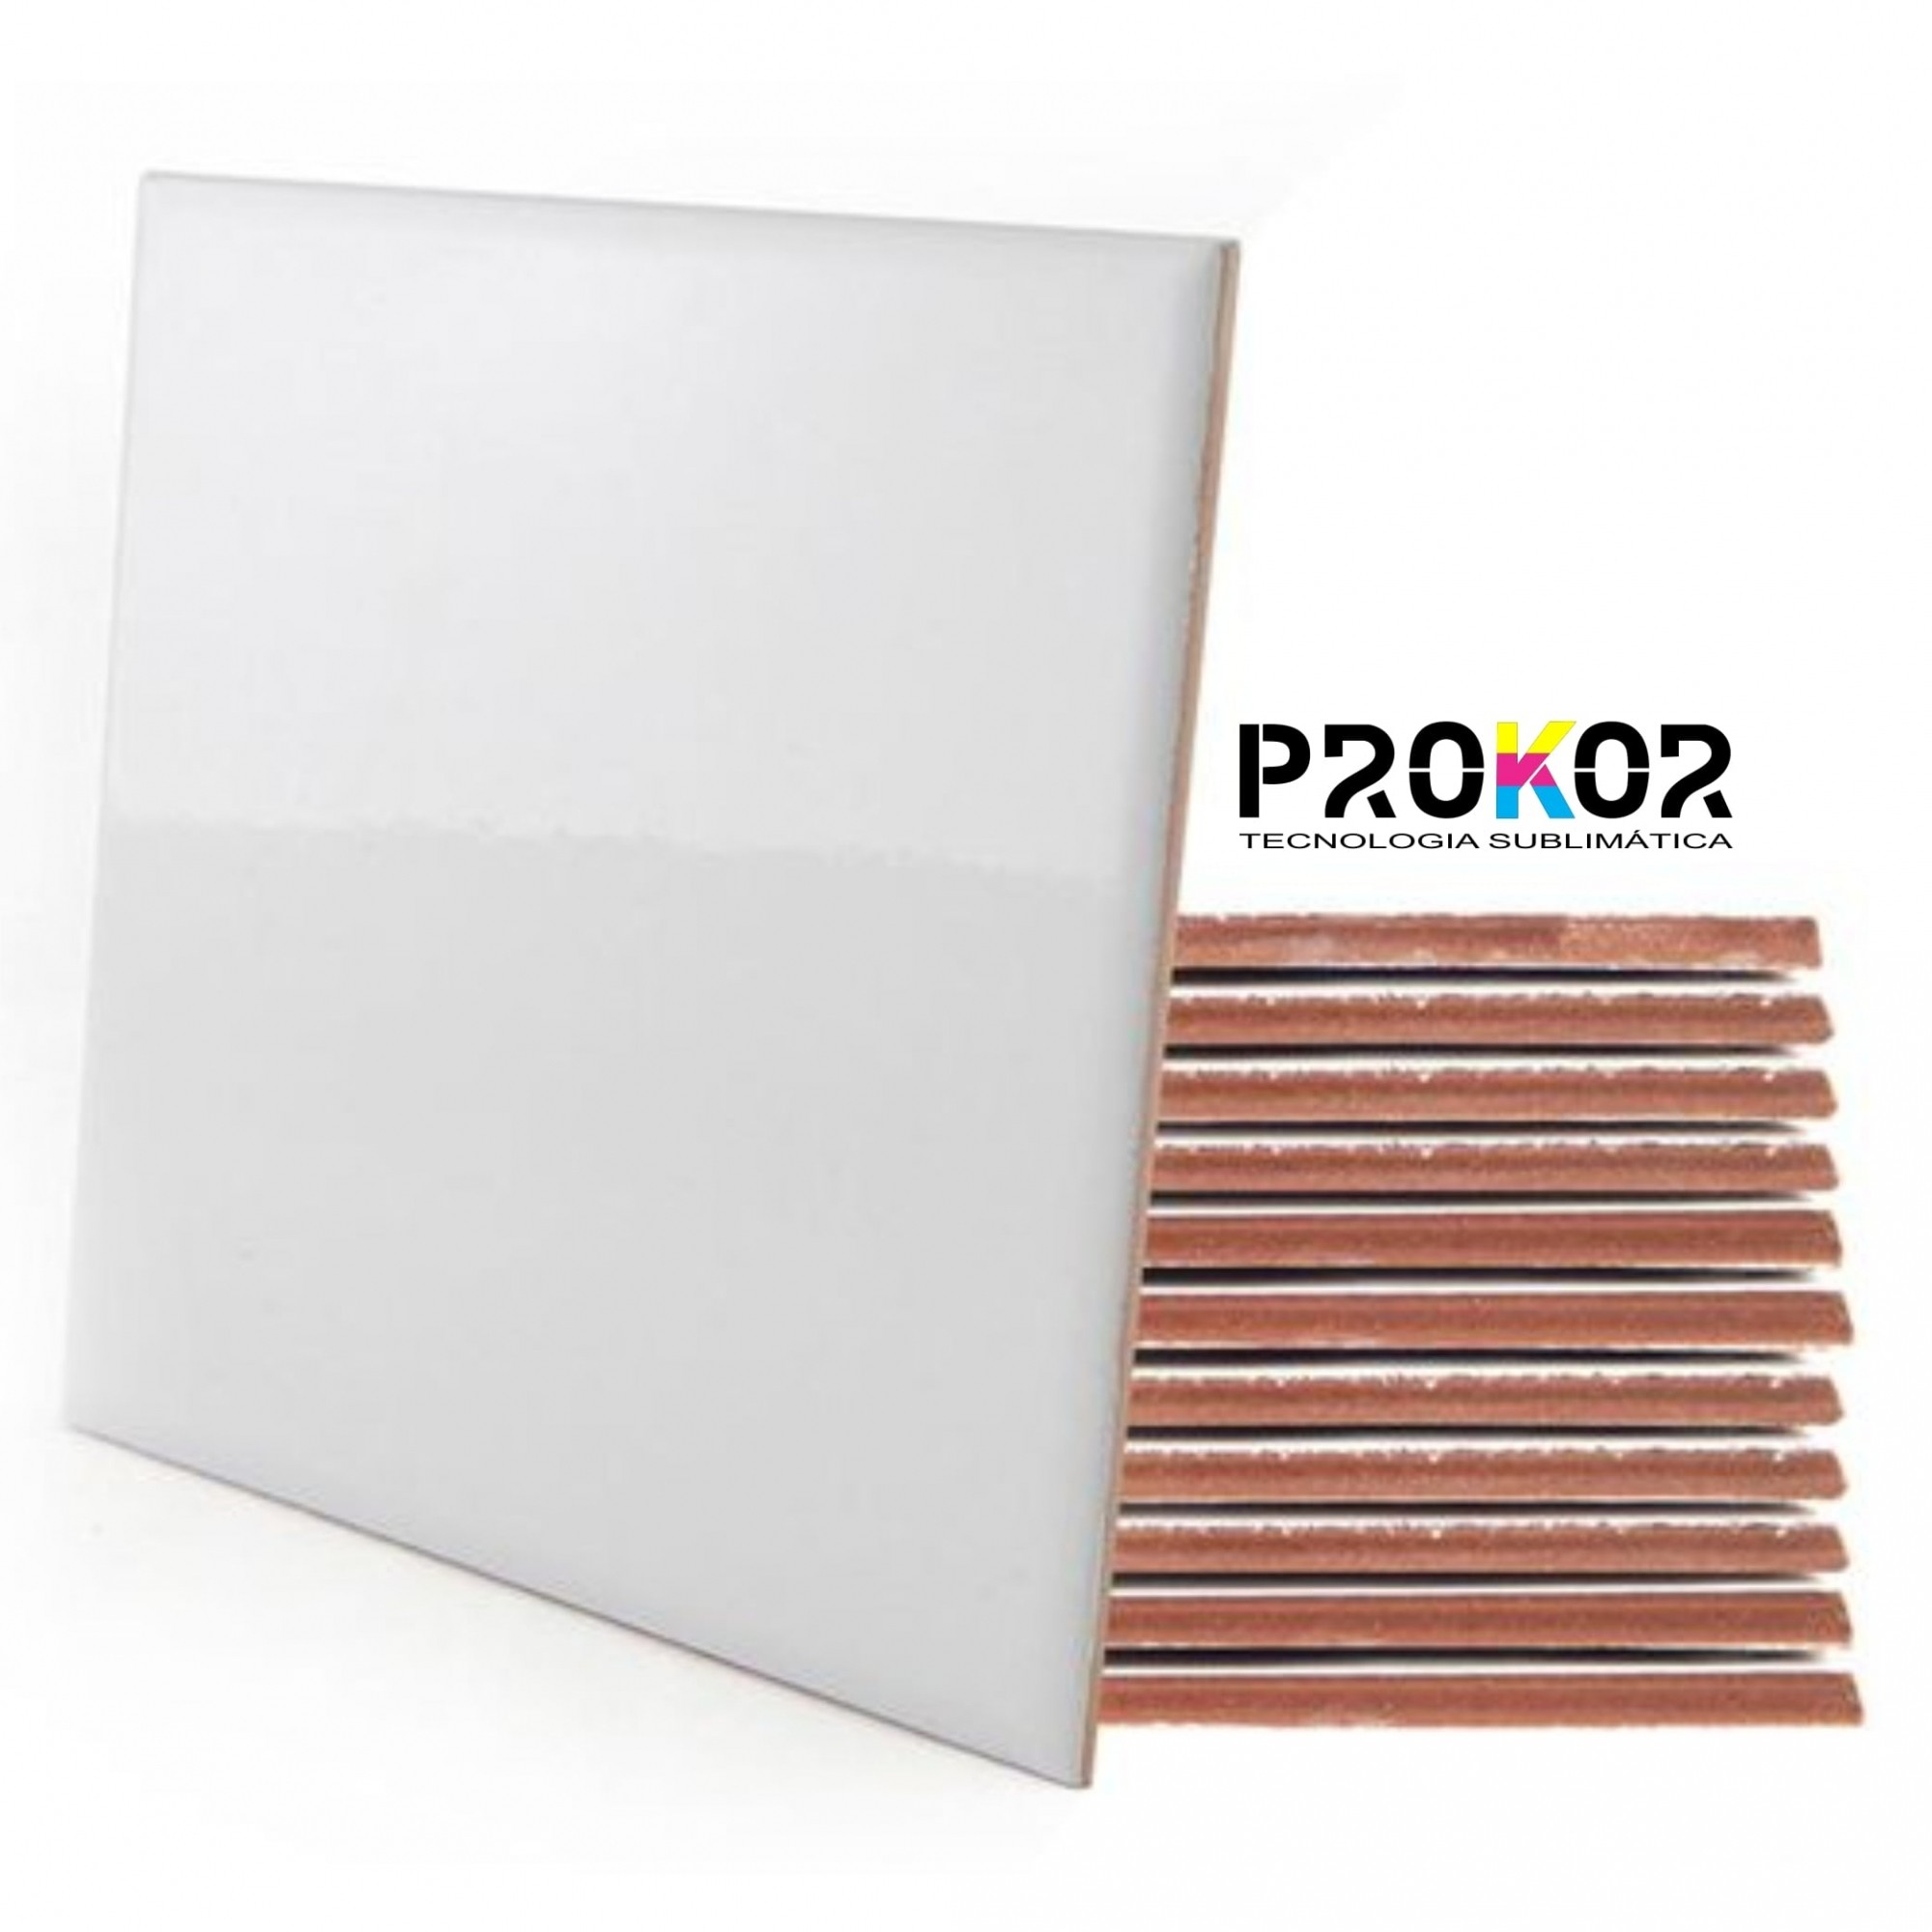 Azulejo Para Sublimação - 20x20cm - Prokor